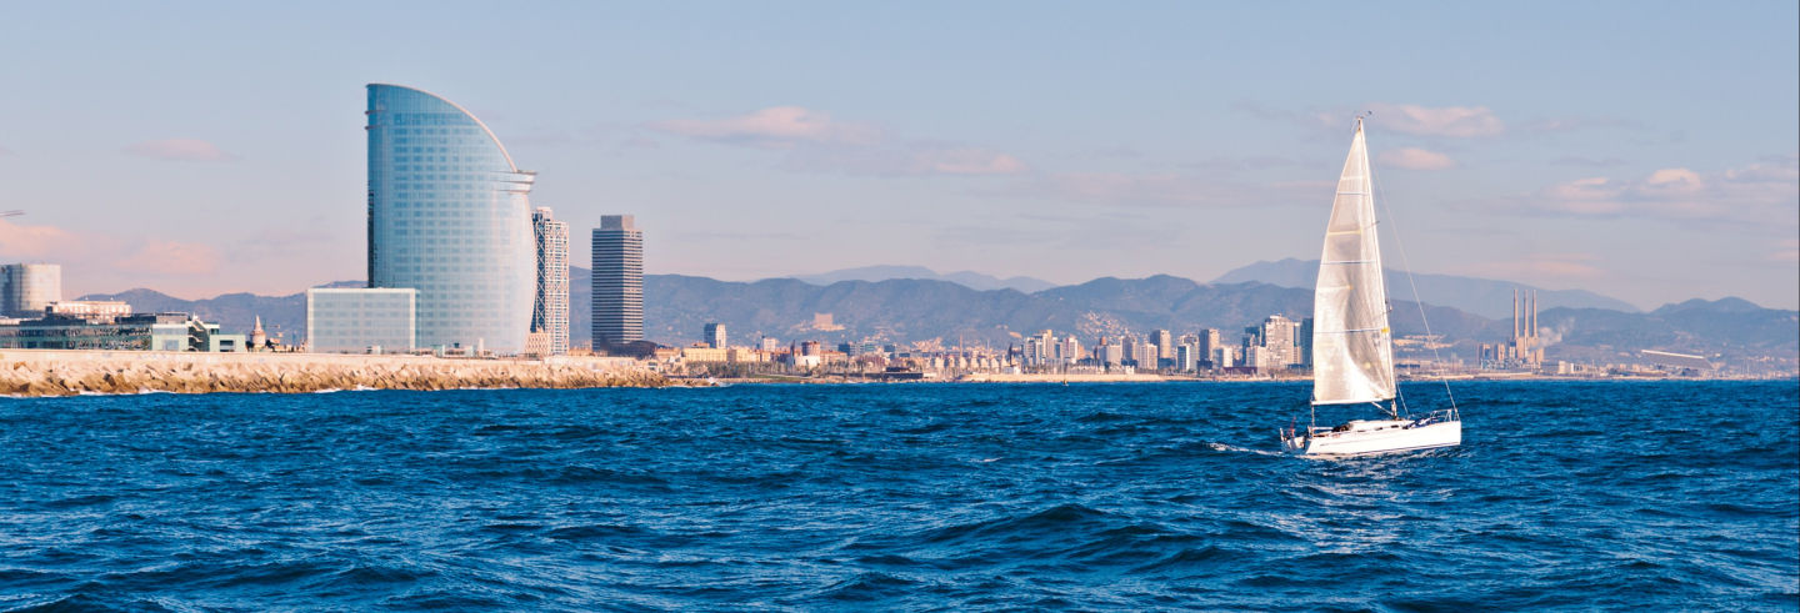 Giro in barca a vela a Barcellona